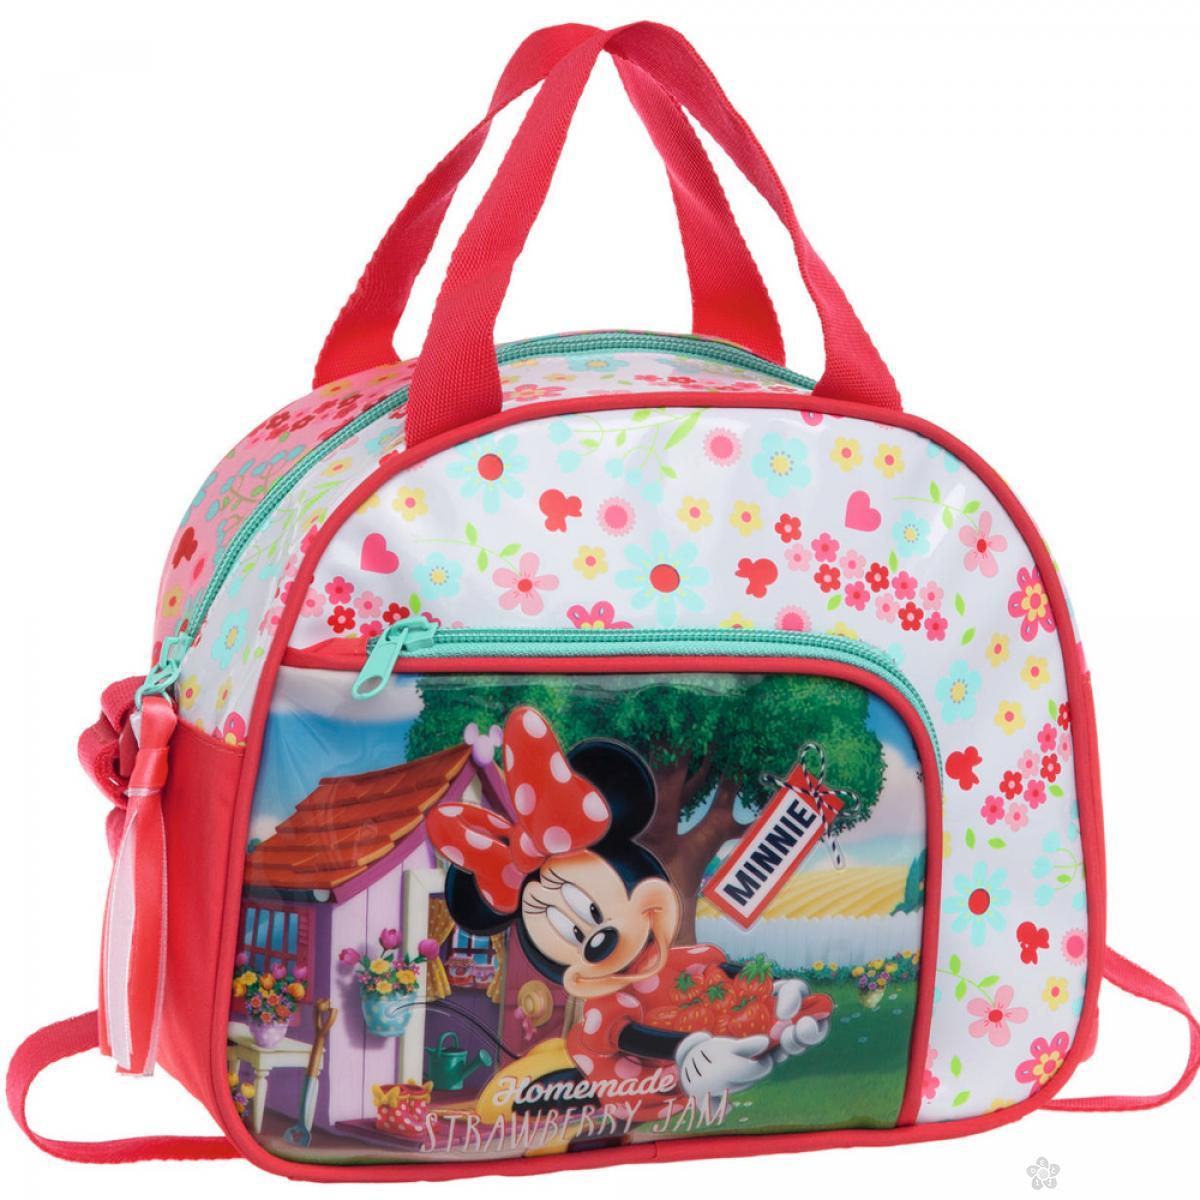 Torba na rame Minnie Mouse beauty case, 23.949.51